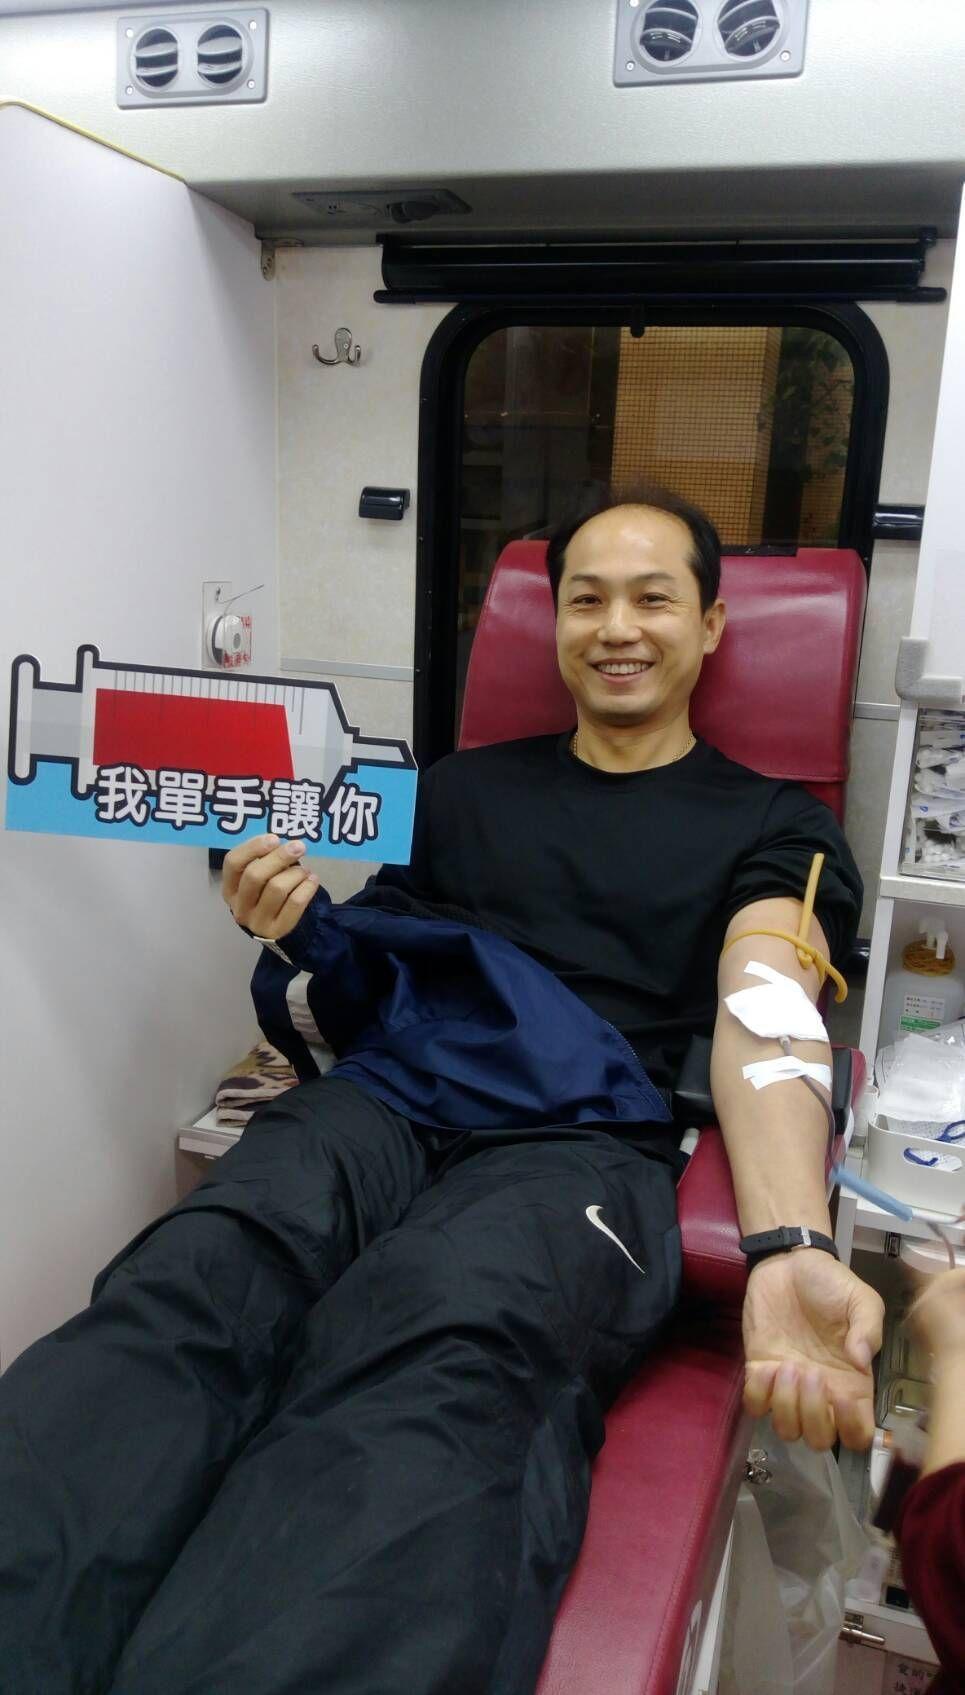 華梵捐血日,該校學務長黃明義率先捐出500cc的血。圖/華梵大學提供